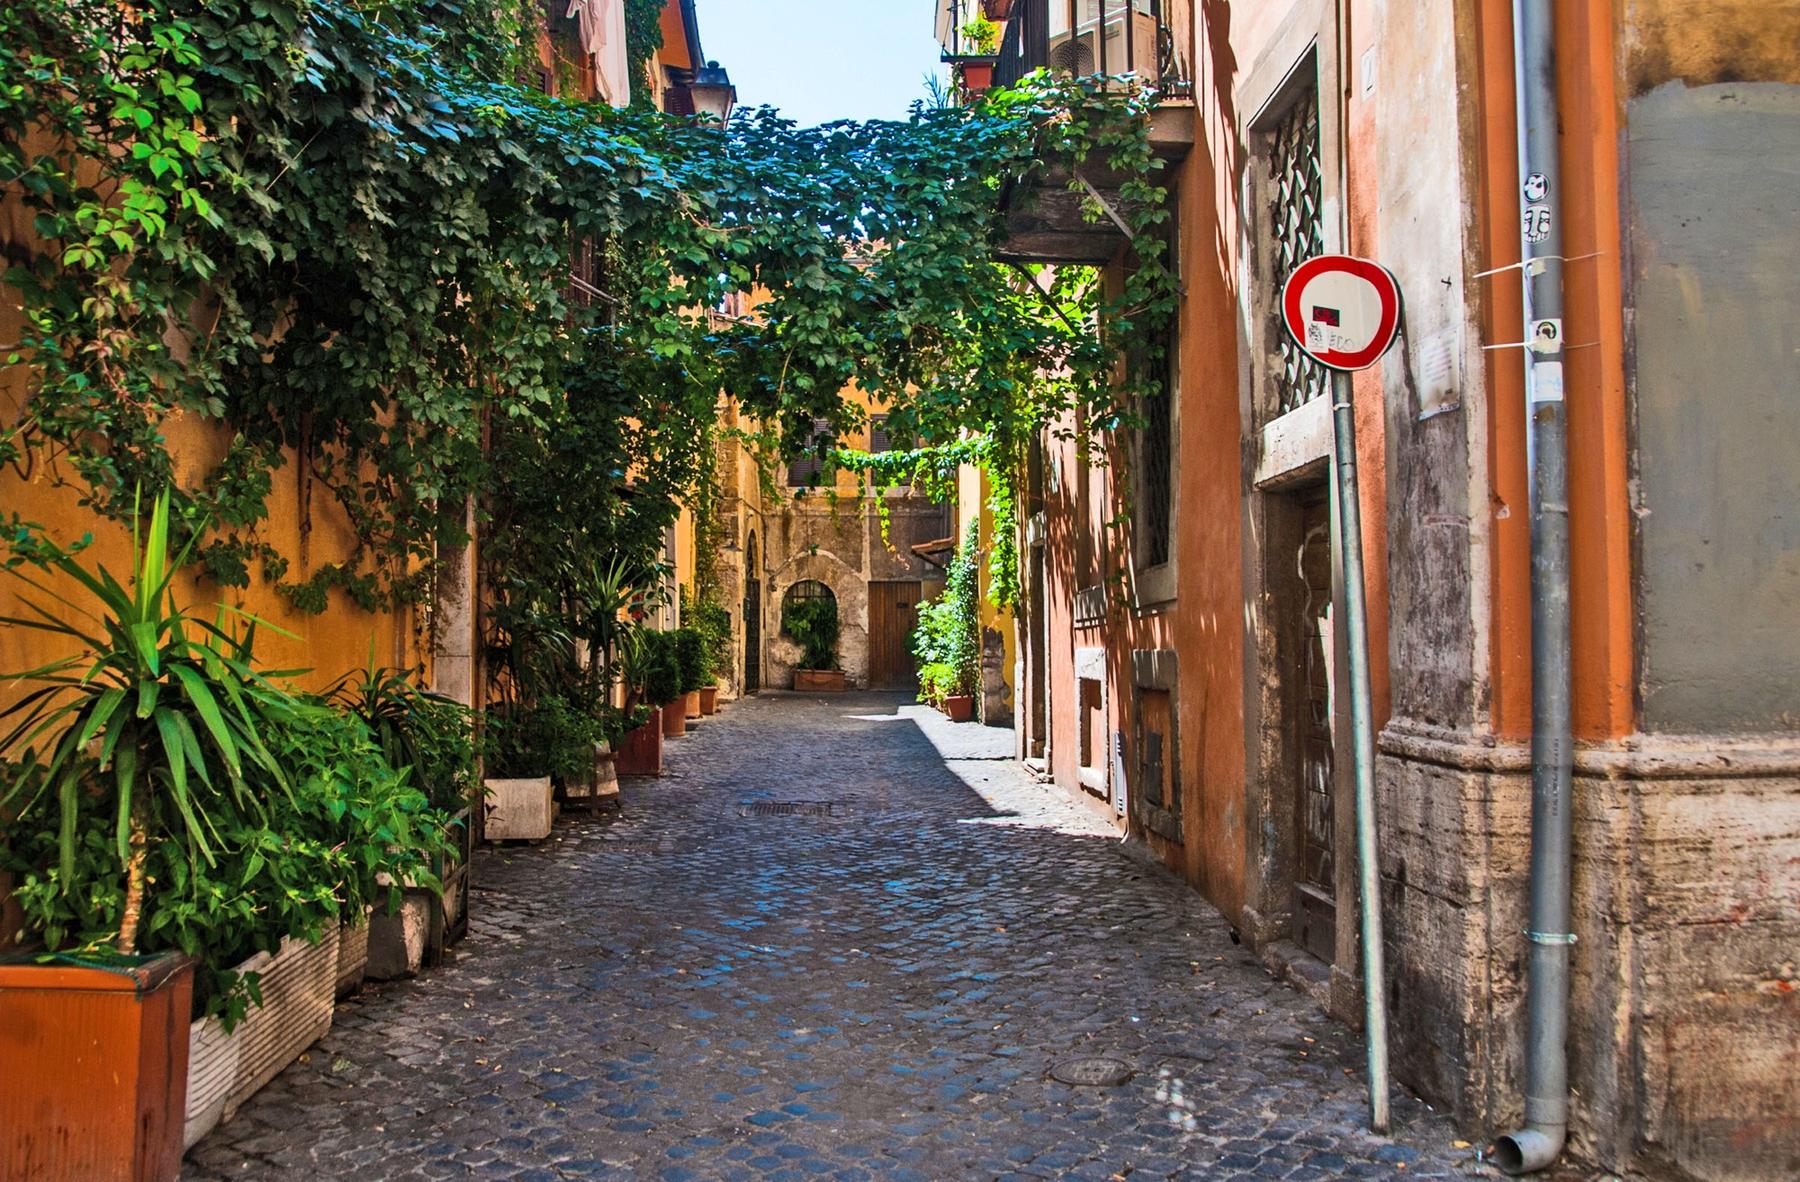 Аллея в римском районе Трастевере, Италия